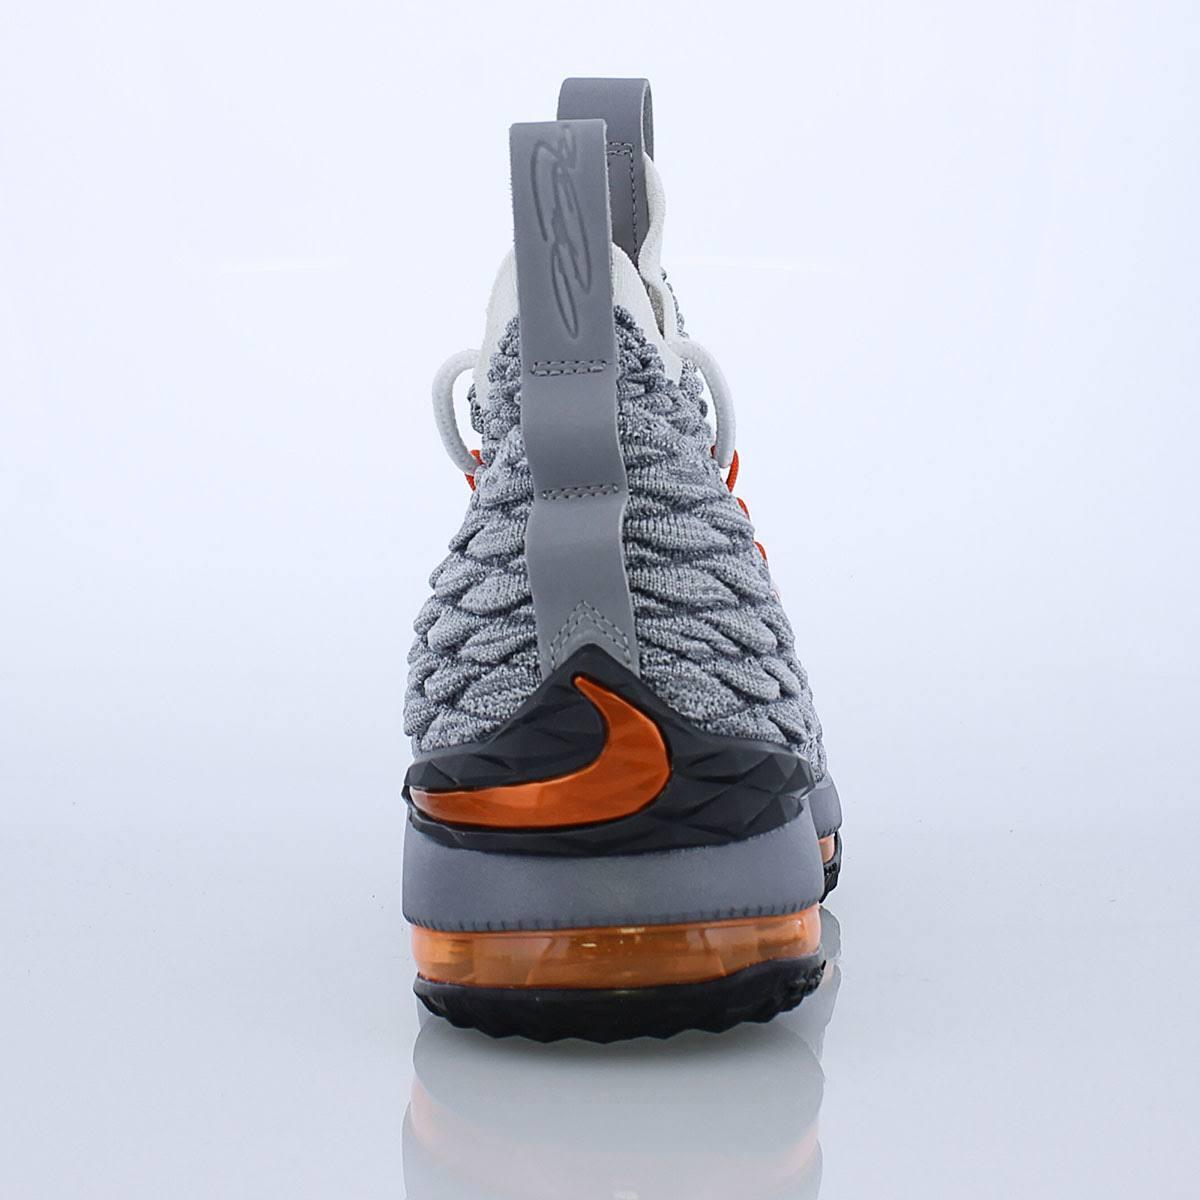 5 De Niños Años Zapatillas Big Baloncesto 15 Tamaño negro Para Lebron Nike RdwqwCz